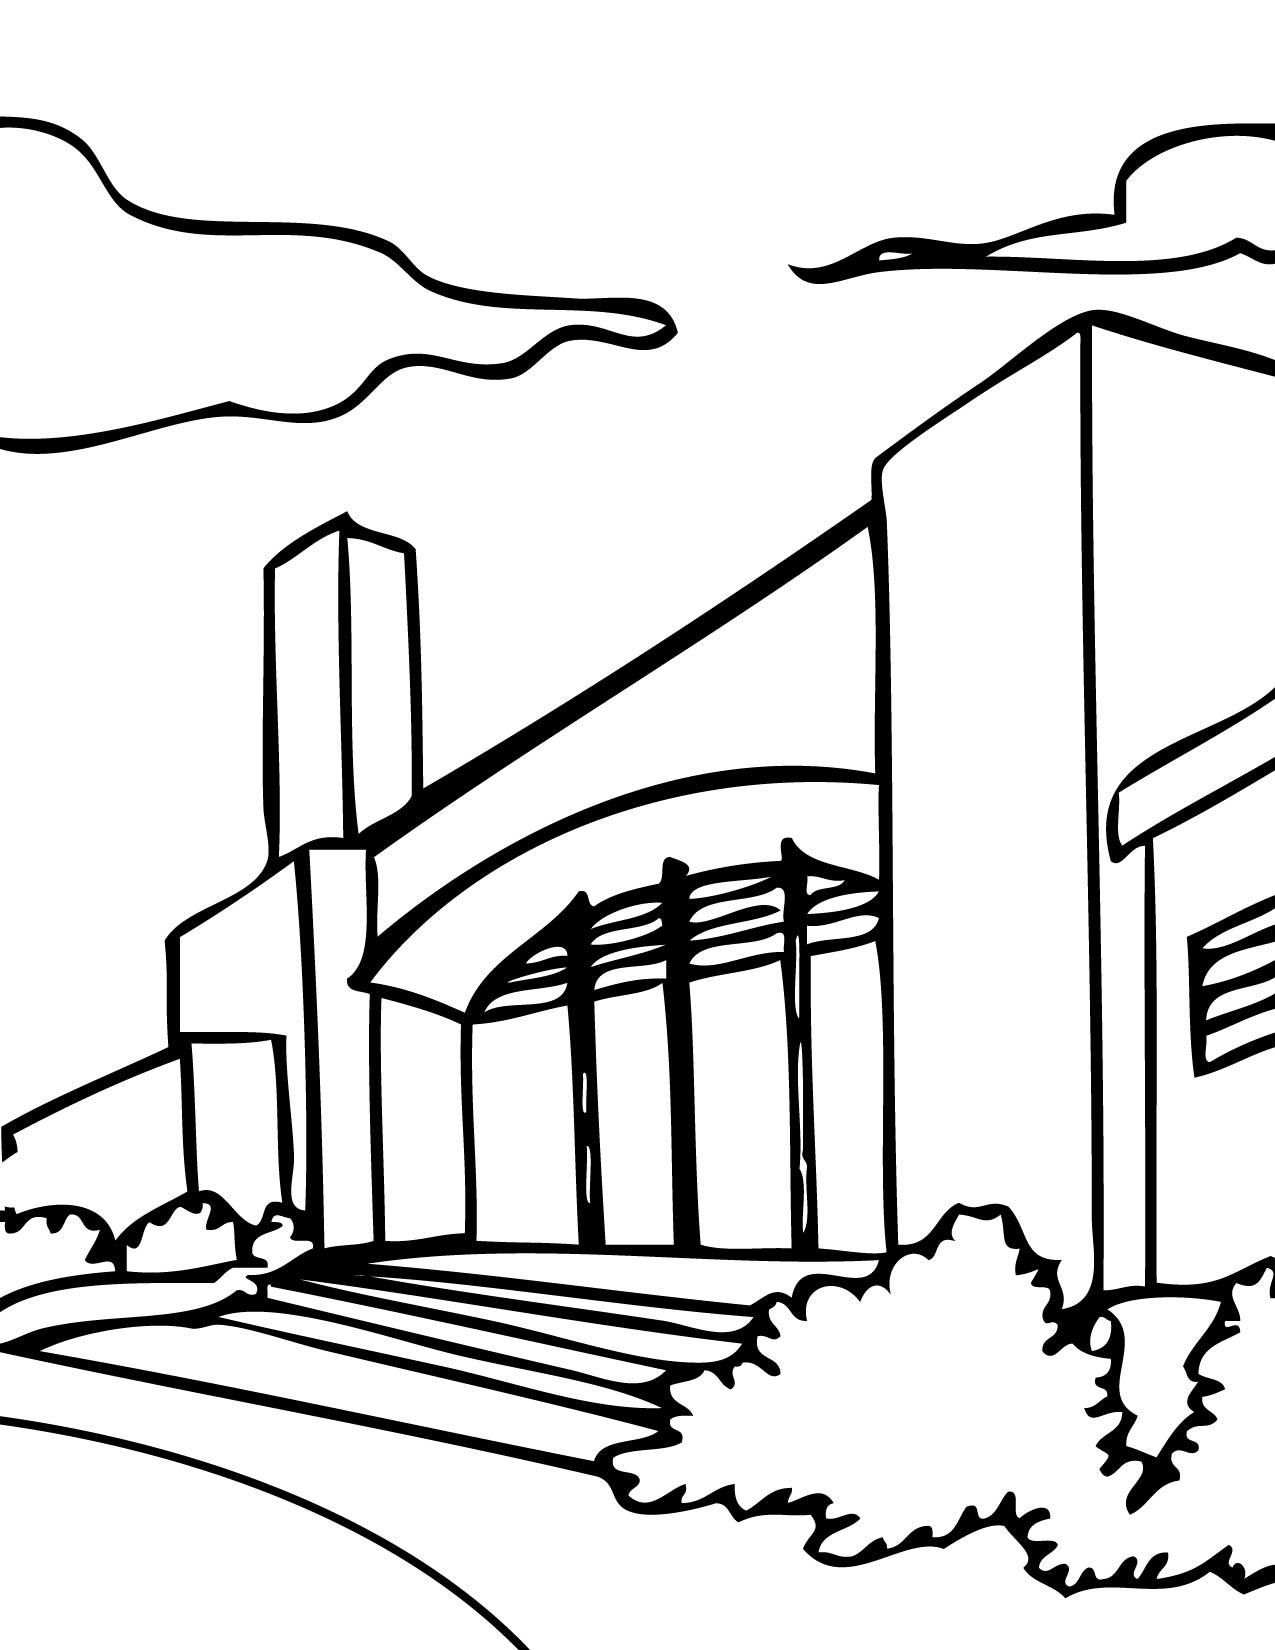 School coloring page - School